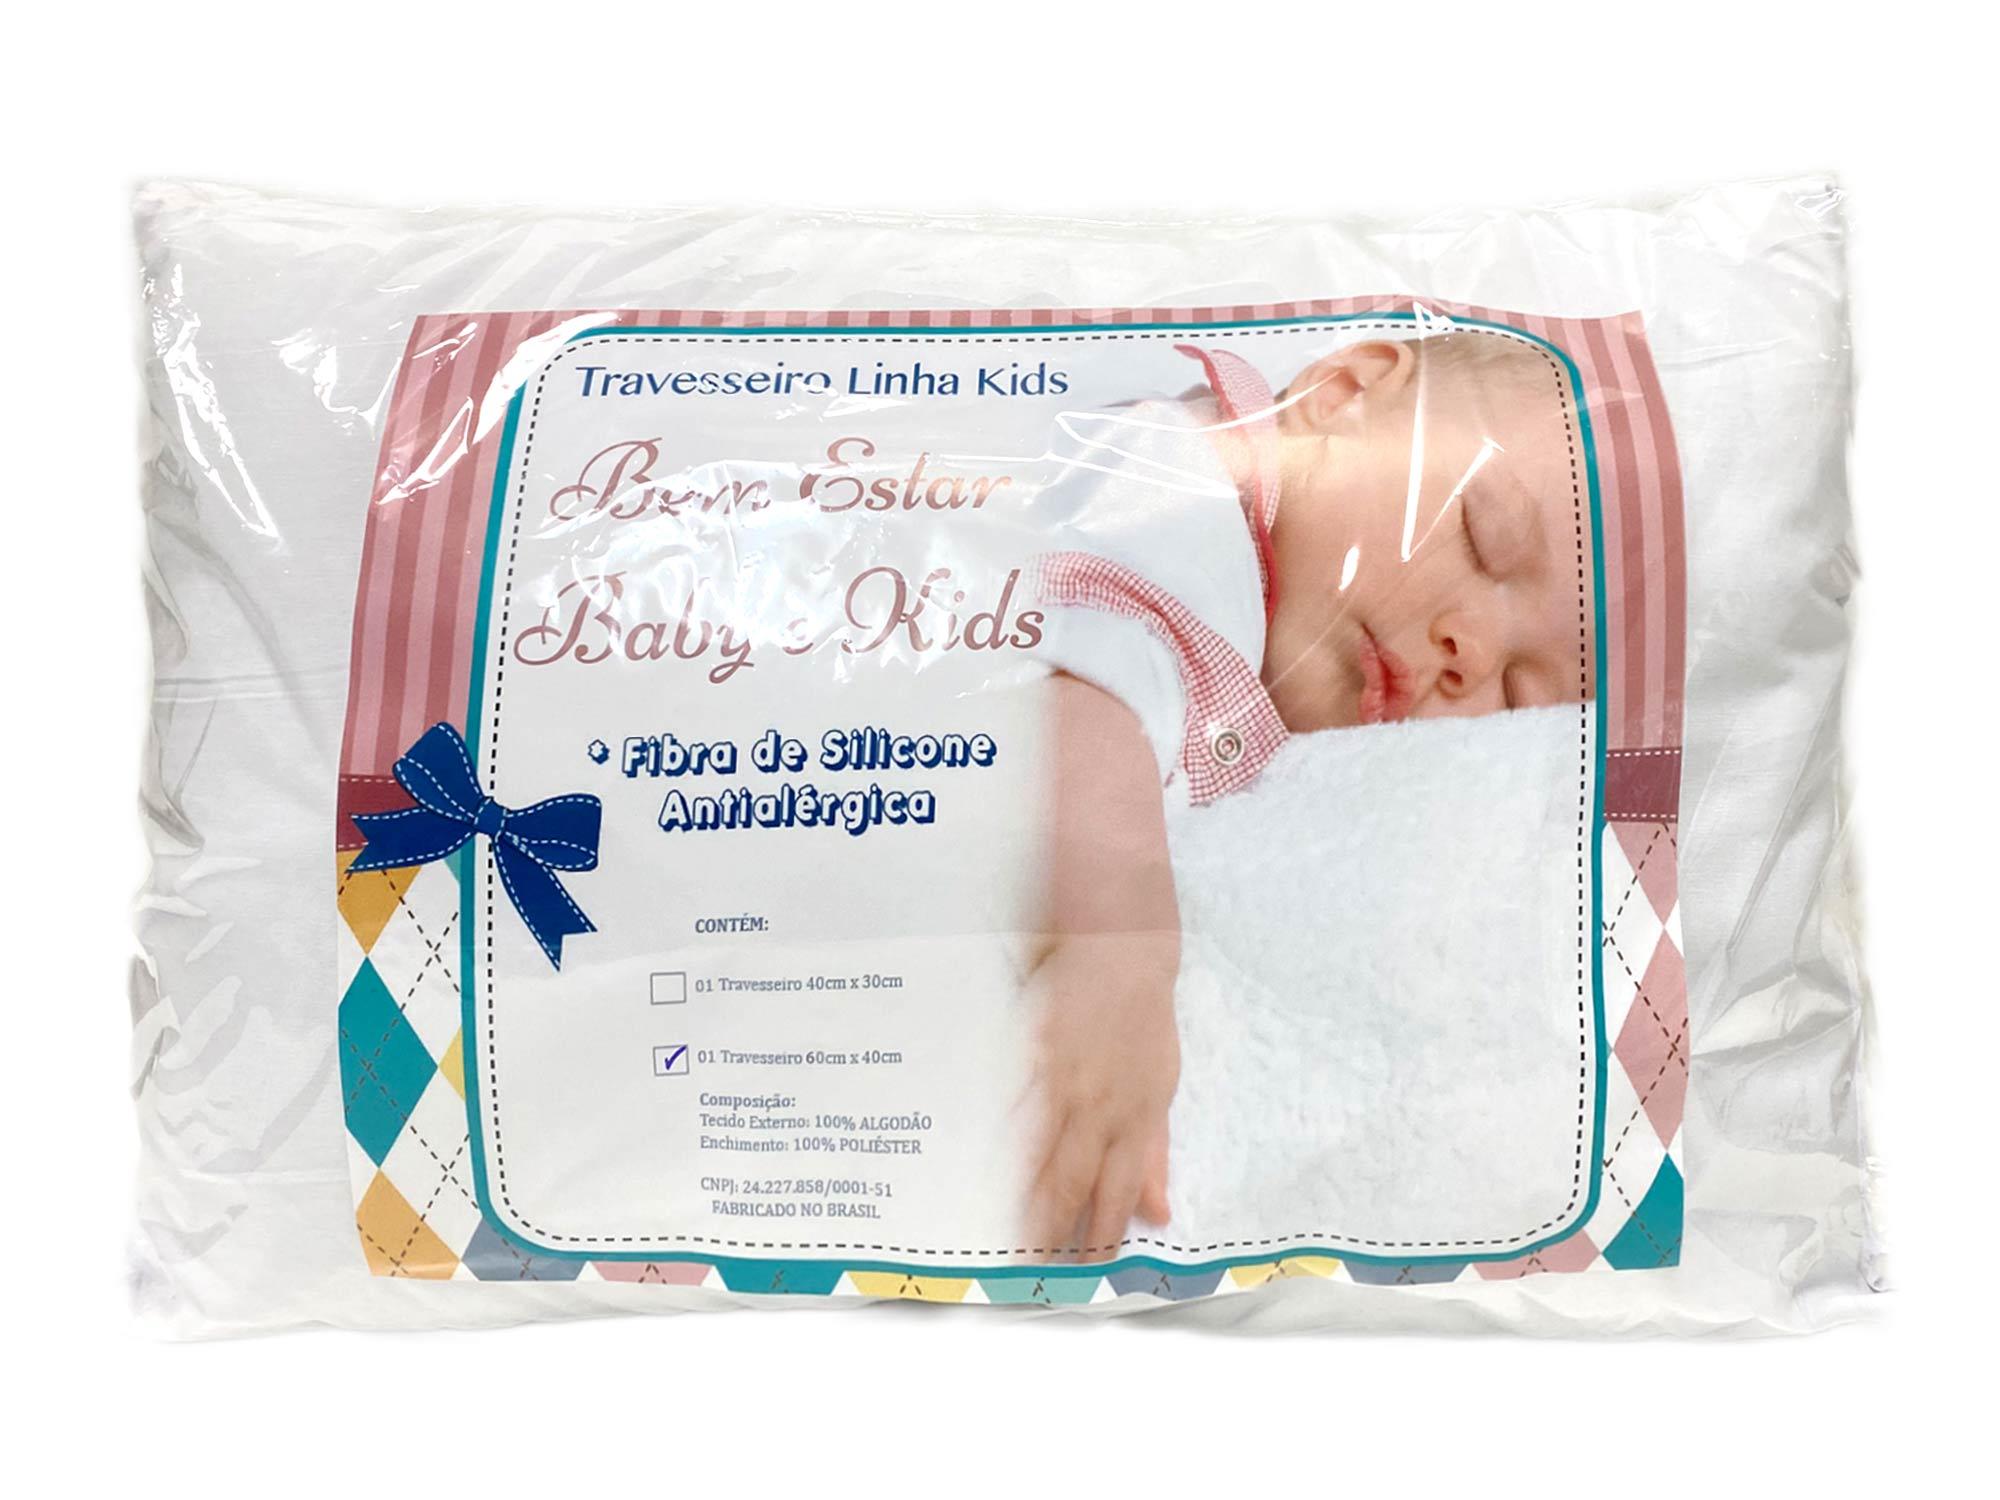 Travesseiro para Mini Cama com Enchimento de Silicone - Revestido com Tecido 100% Algodão